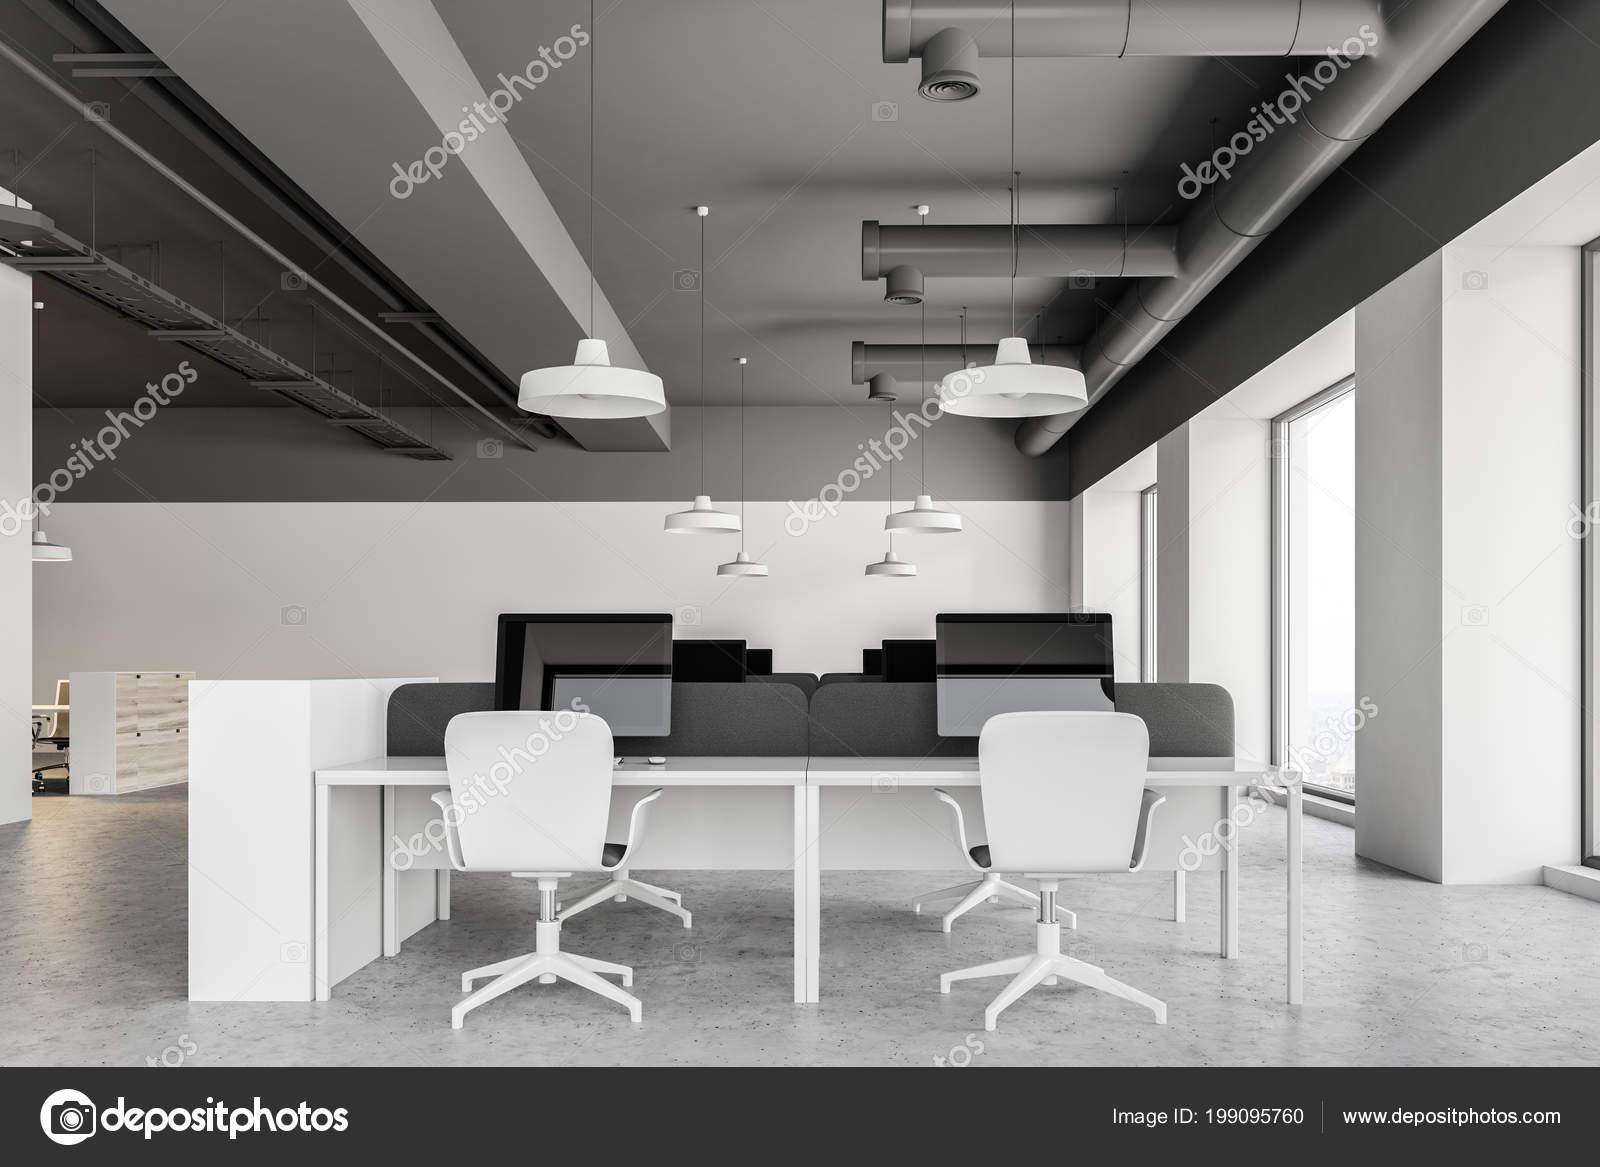 Plafond Gris Style Industriel Bureau Intérieur Avec Armoires